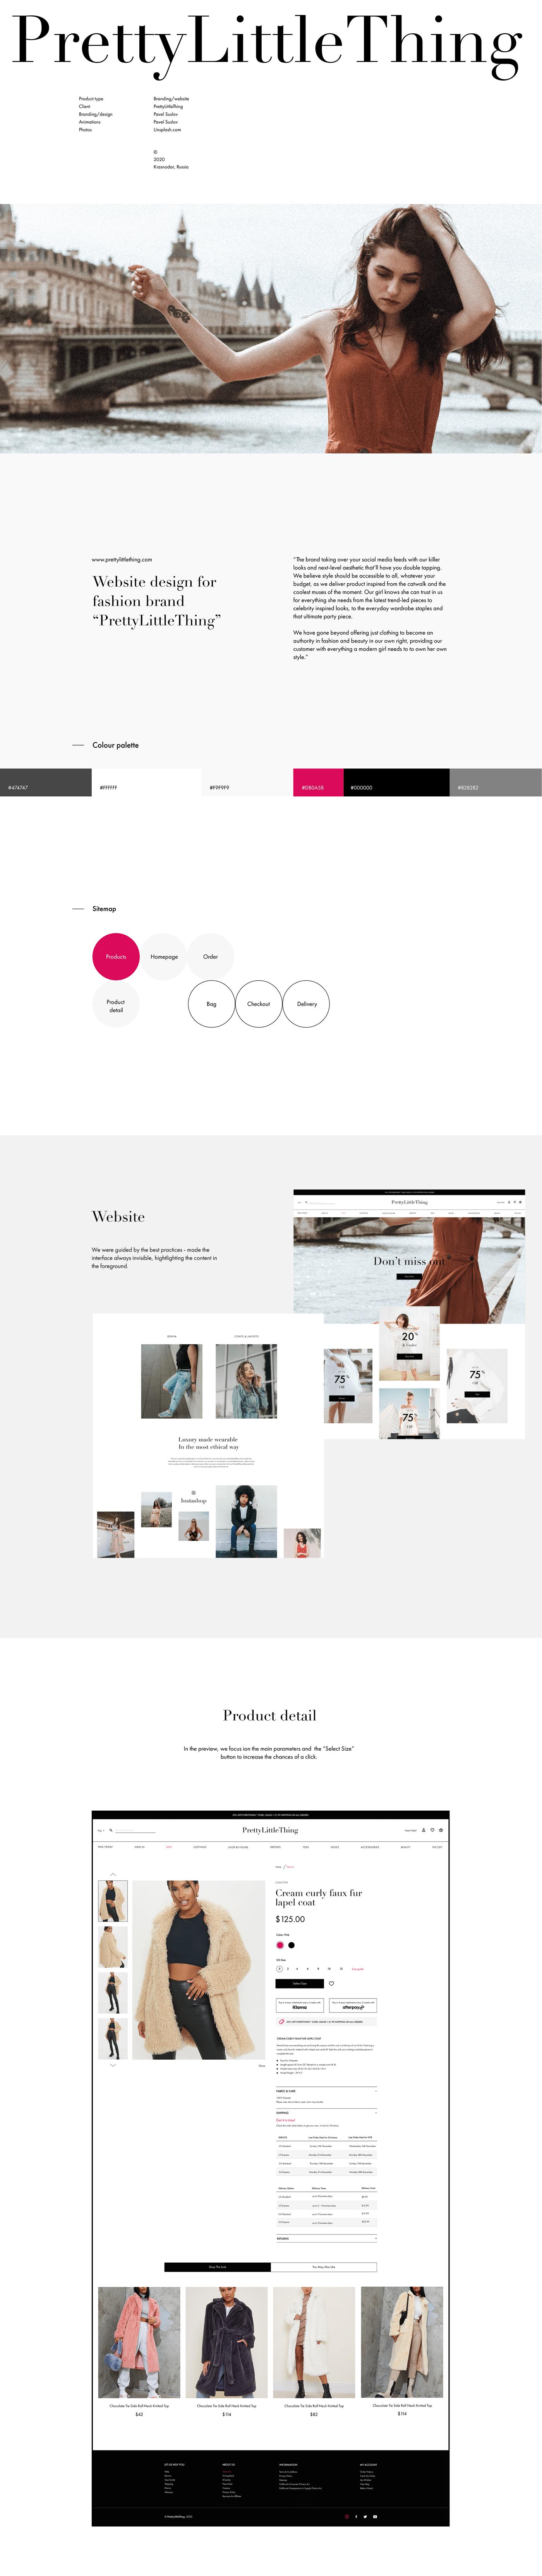 PrettyLittleThing - Редизайн популярного магазина в США